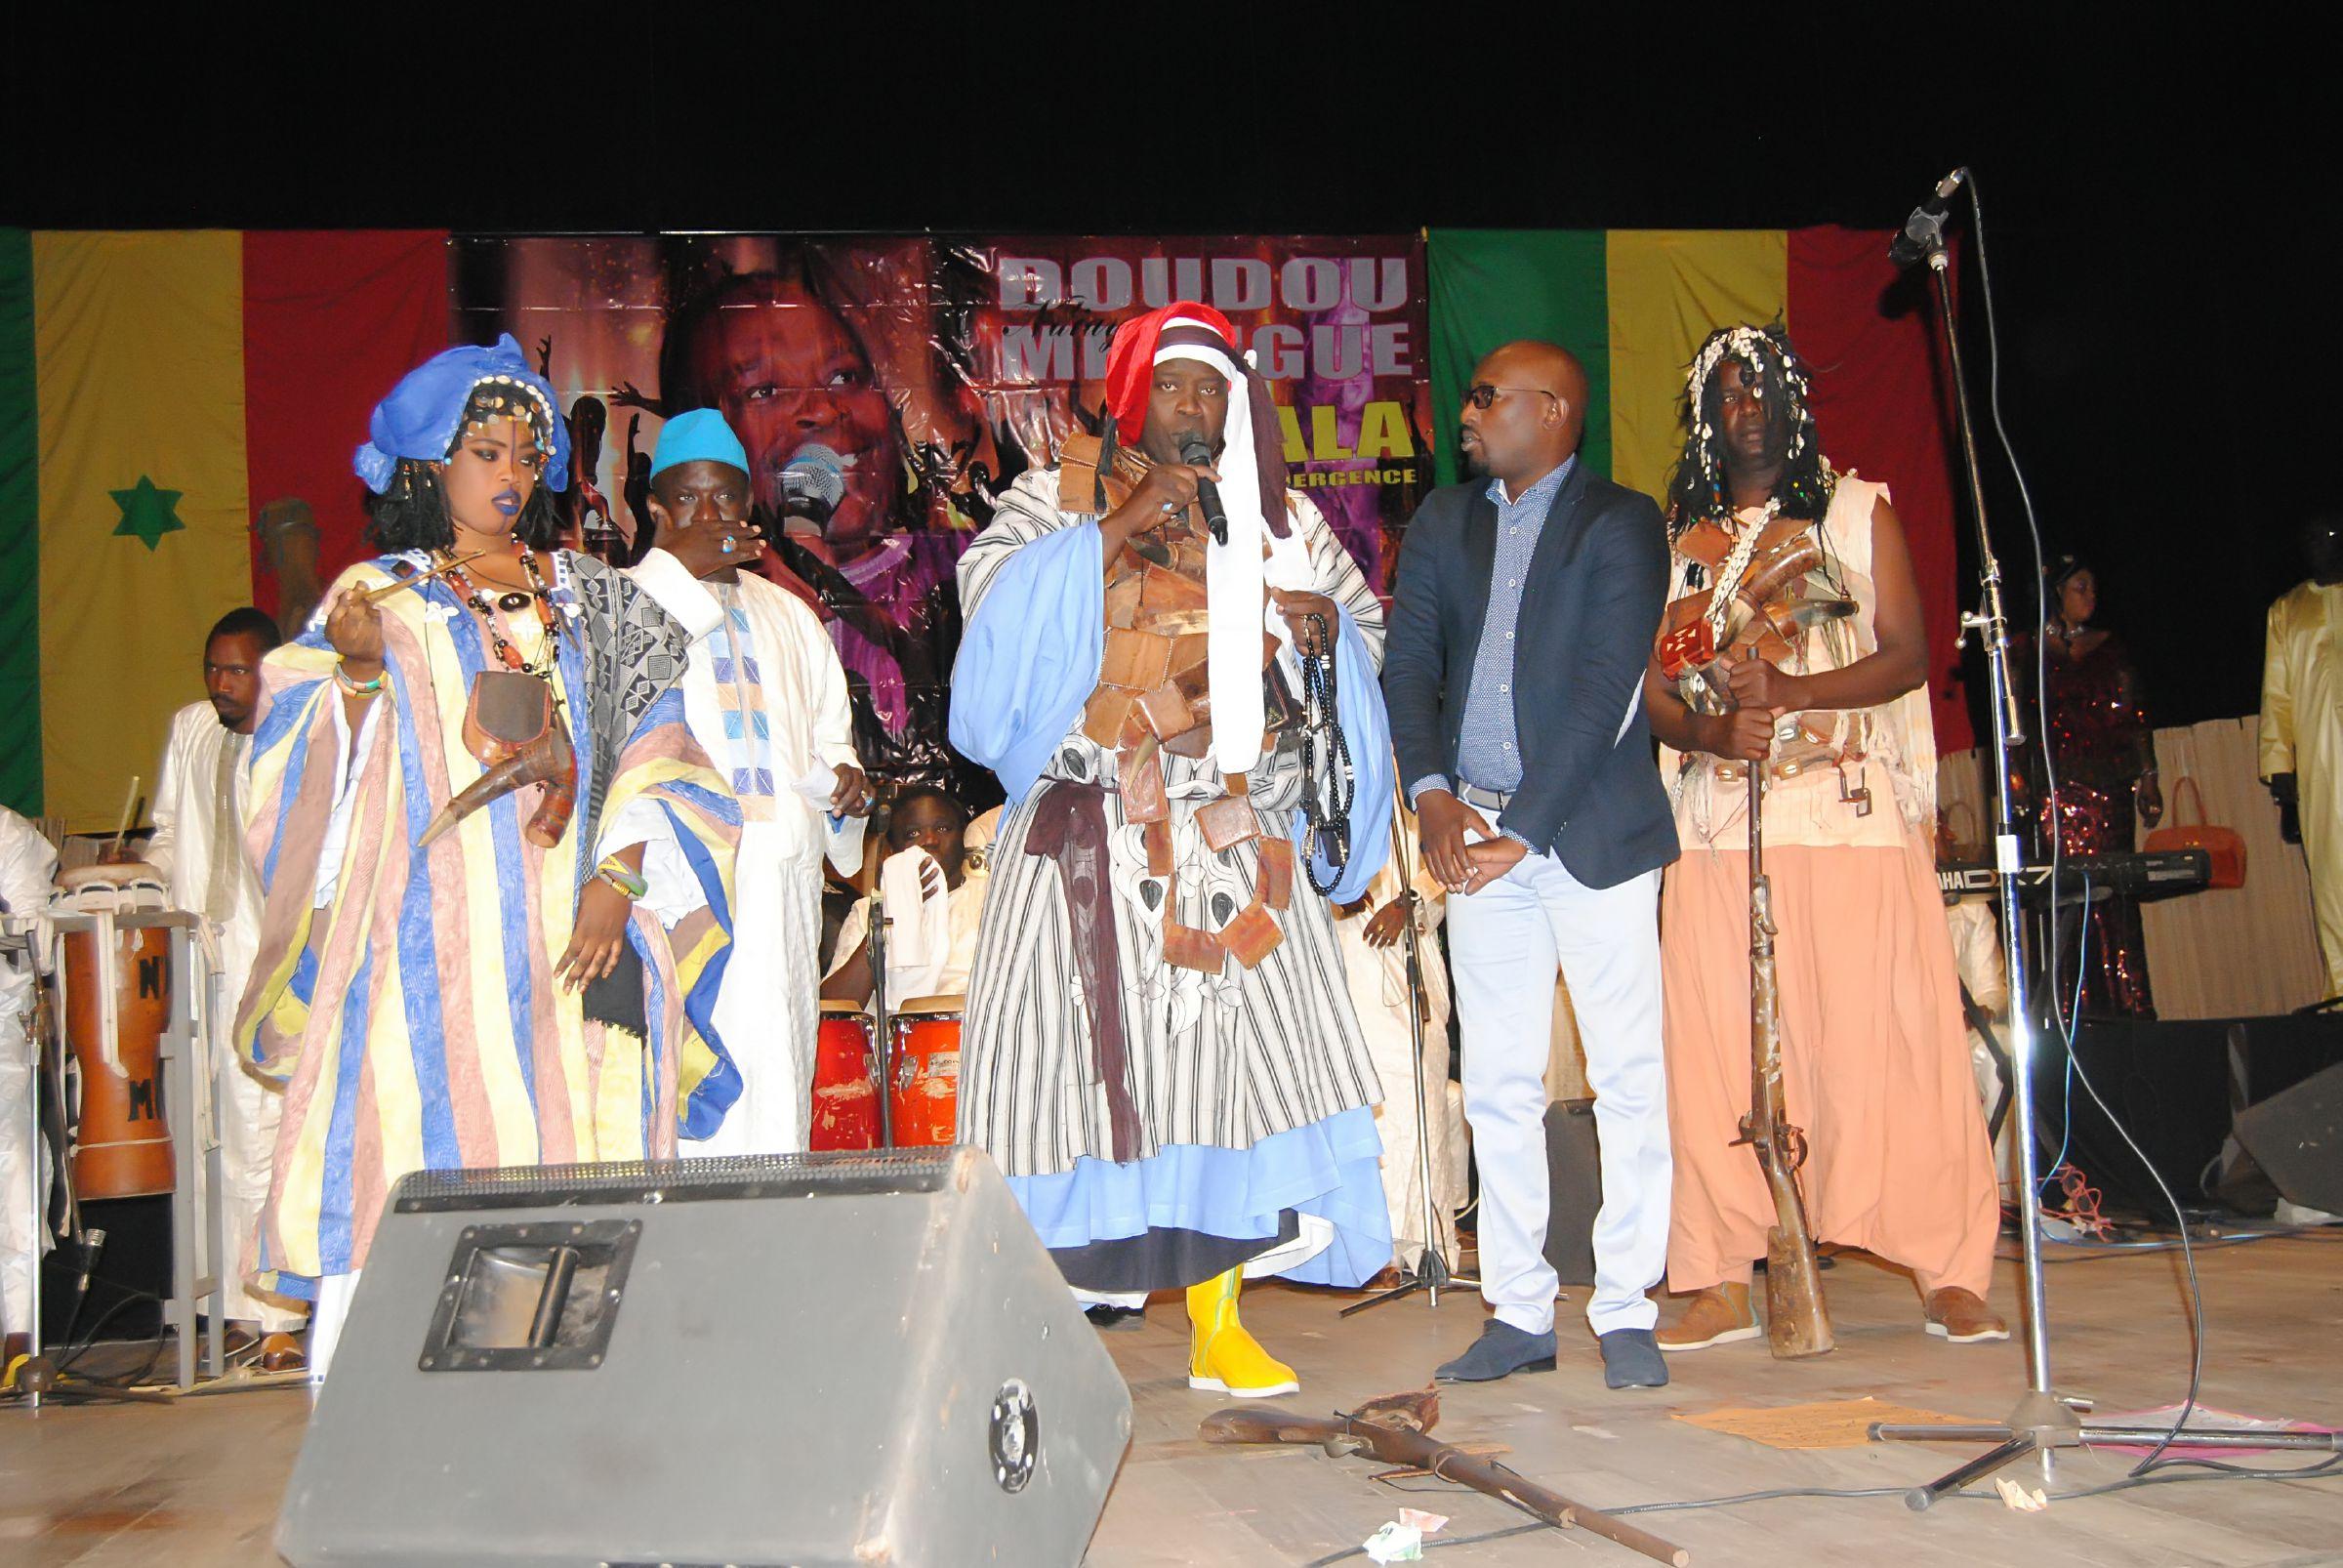 L'anniversaire de Doudou Ndiaye Mbengue en images